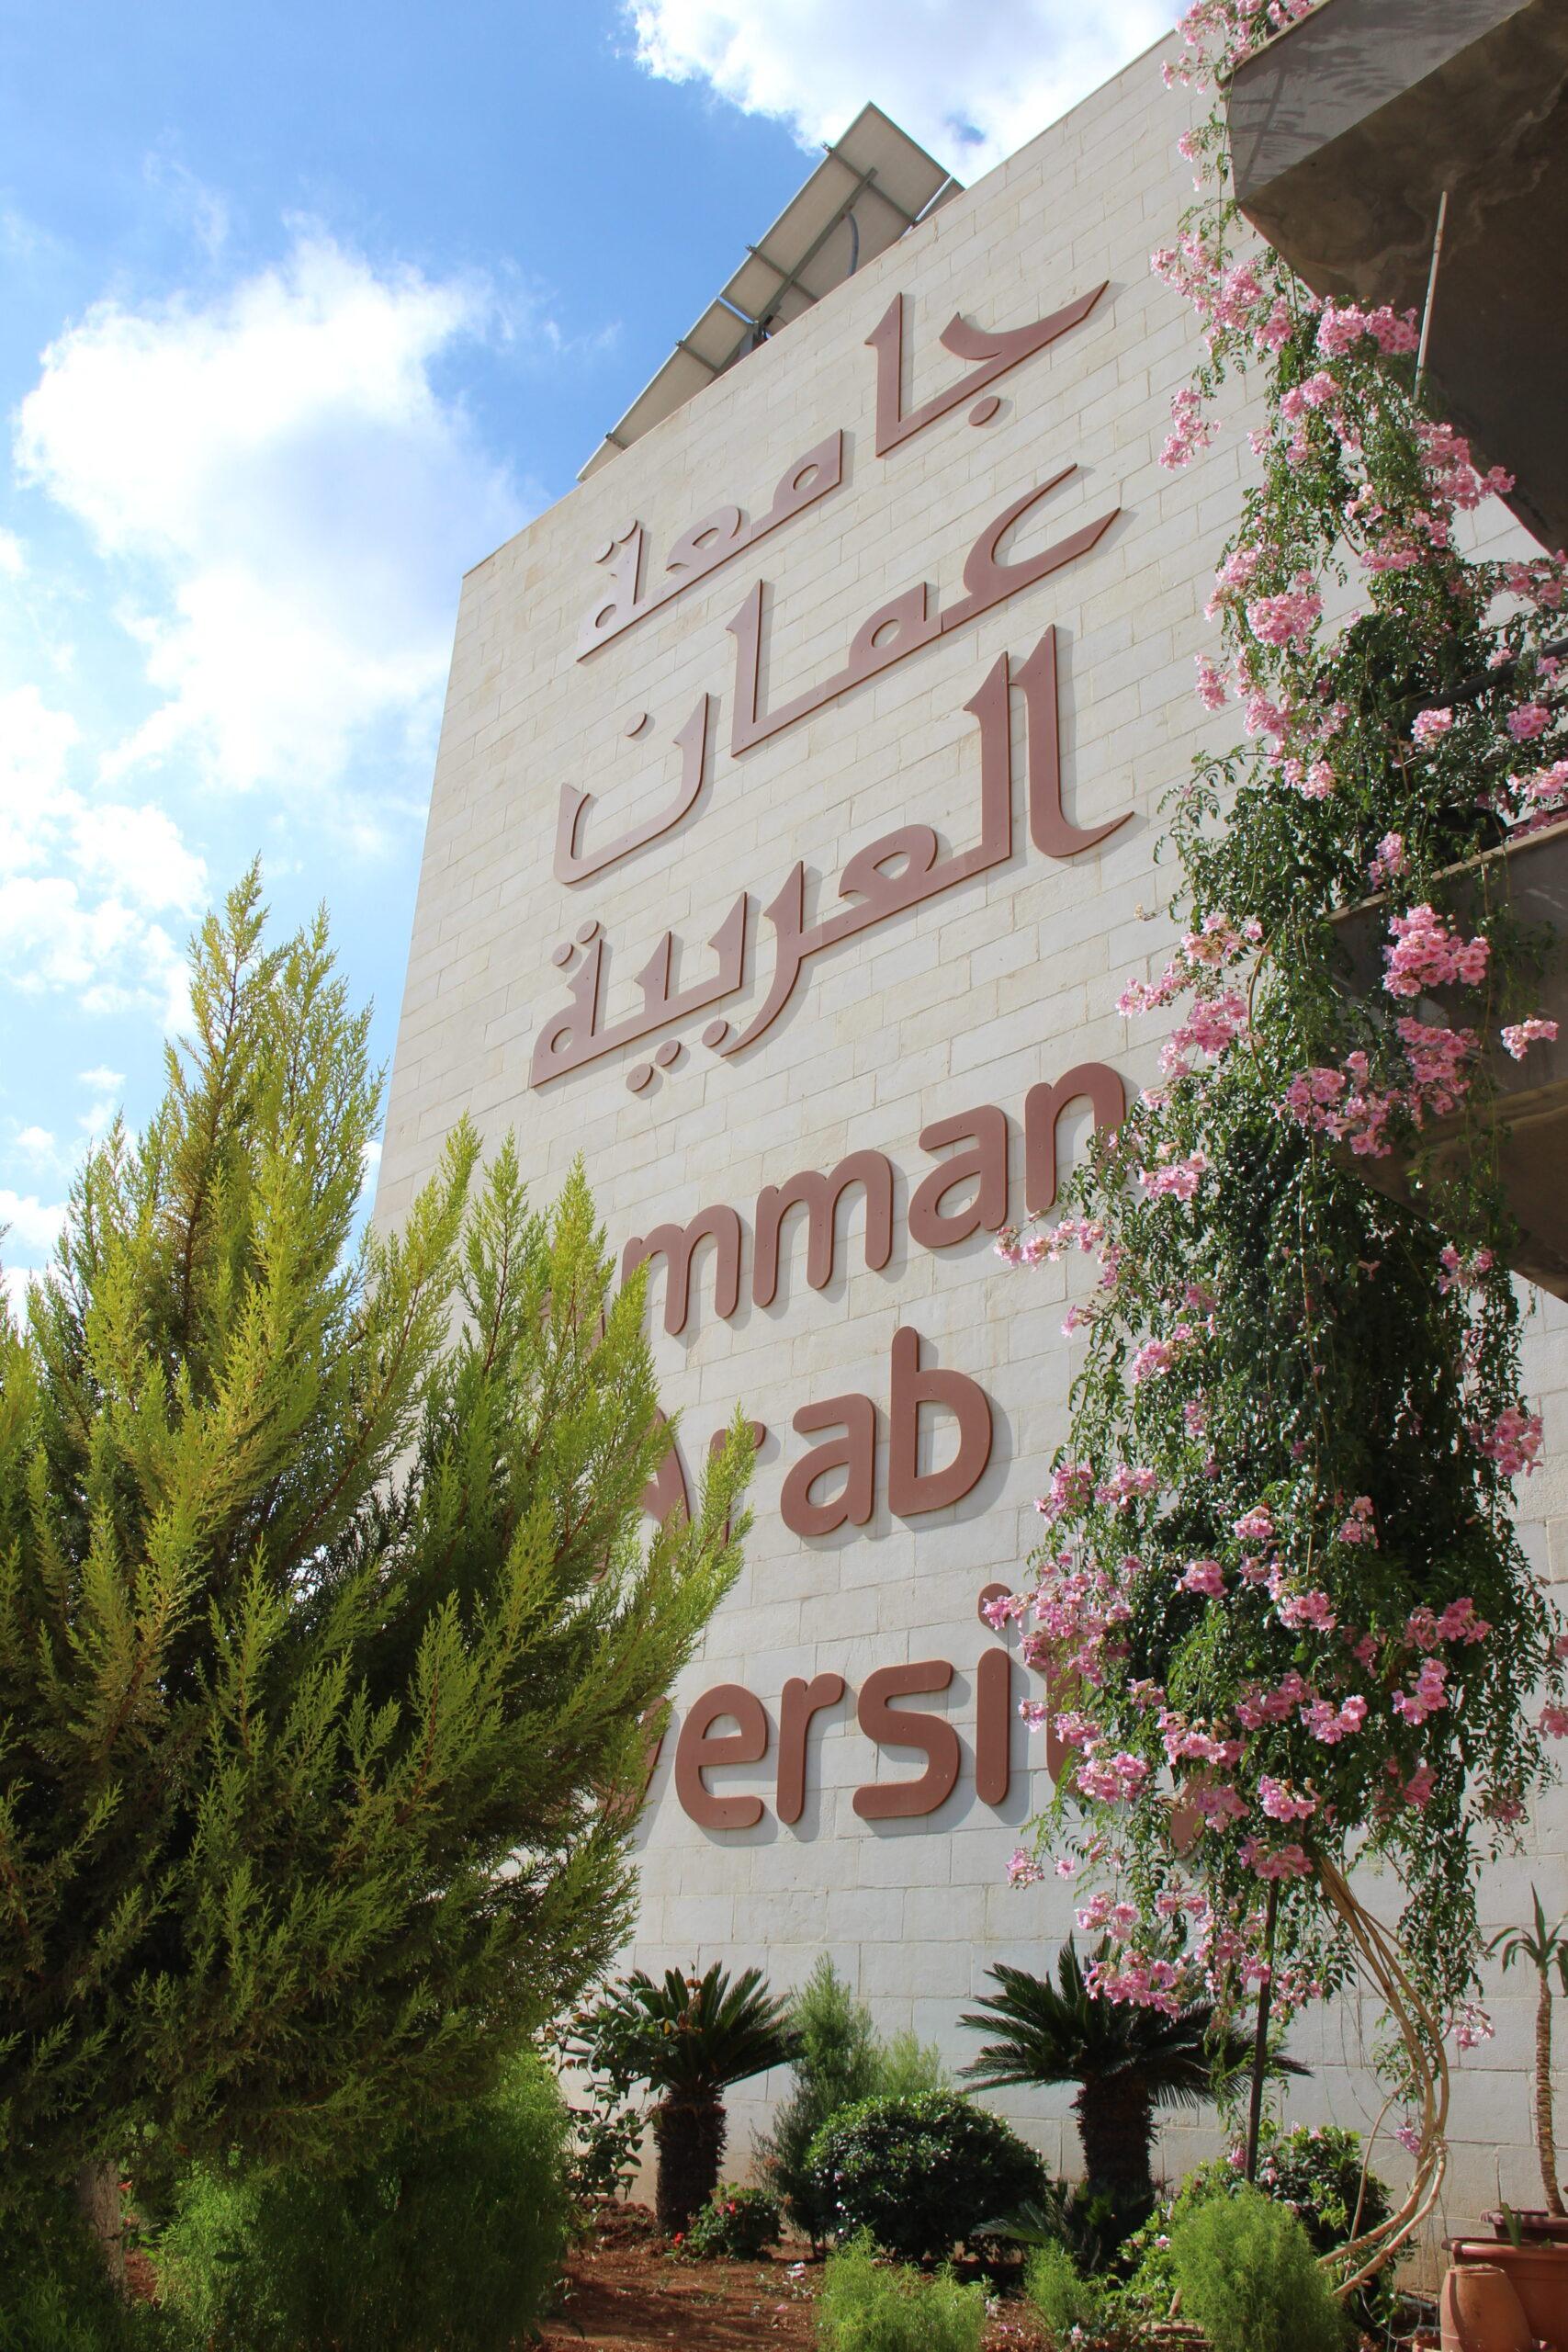 الأولى من نوعها في التعليم العالي الاردني  جامعة عمان العربية تطلق محفظة مهارات الطالب Student Portfolio